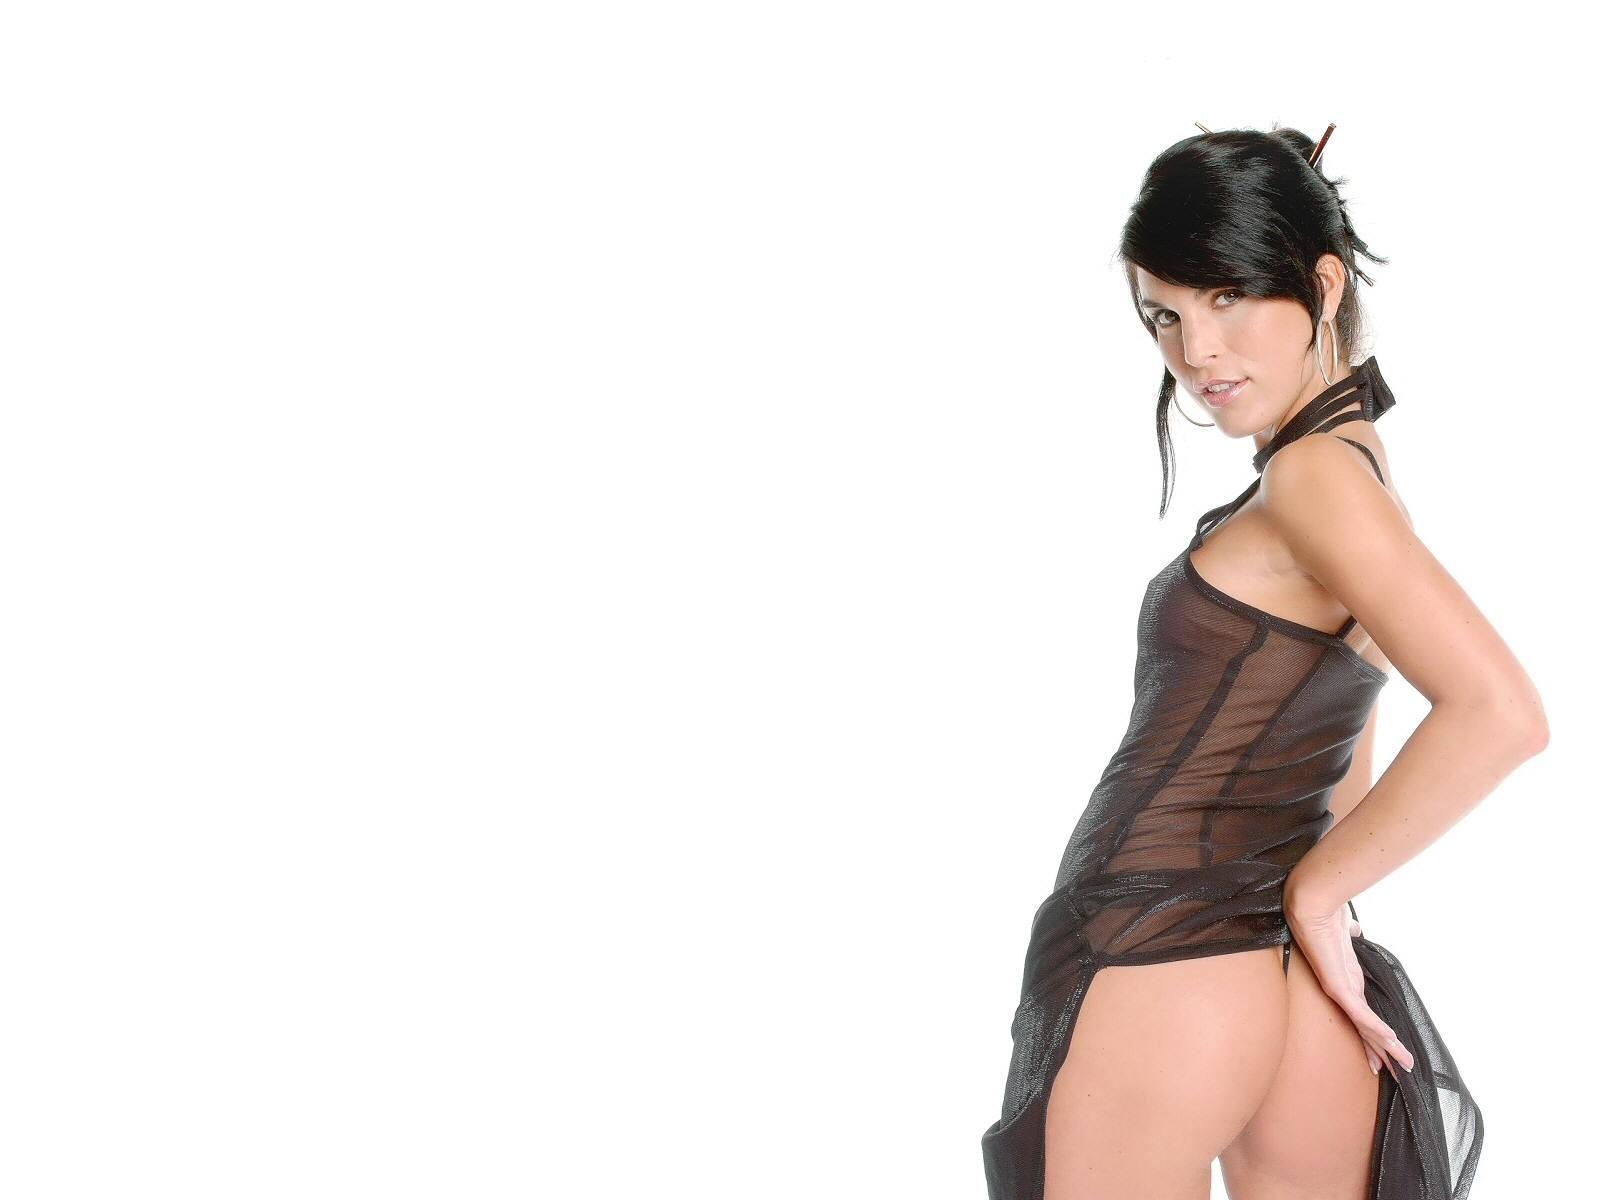 http://2.bp.blogspot.com/-B4o3T4IlJqI/T6OpCko_F6I/AAAAAAAABS4/1qpuwW3Yjh0/s1600/Sexy+Girls+Special++Wallpapers+Pack+23+(99).jpg